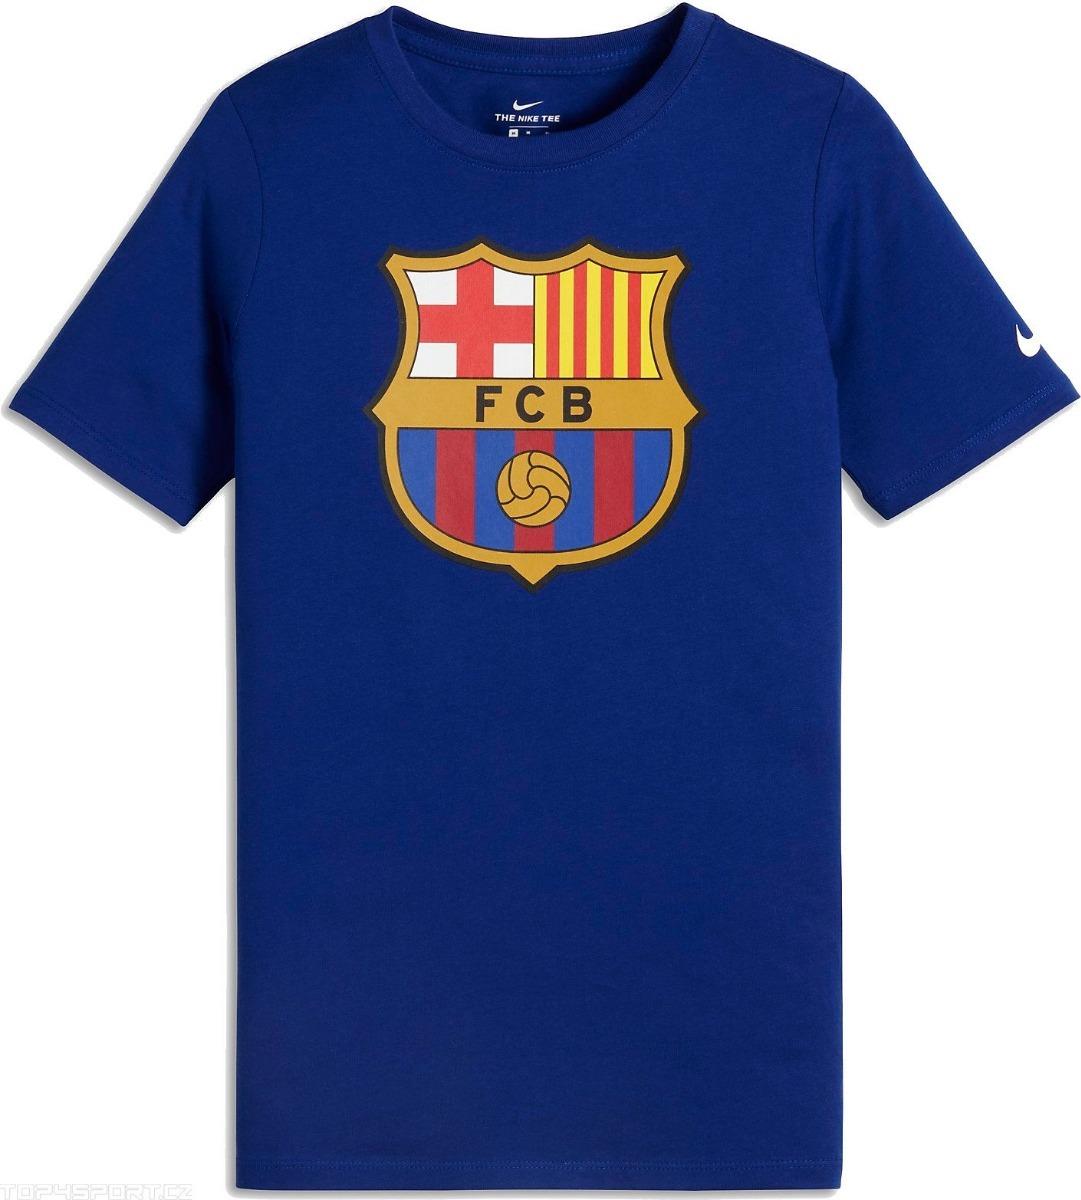 camiseta nike fc barcelona crest tee men shirt original. Cargando zoom. 92032e565a7